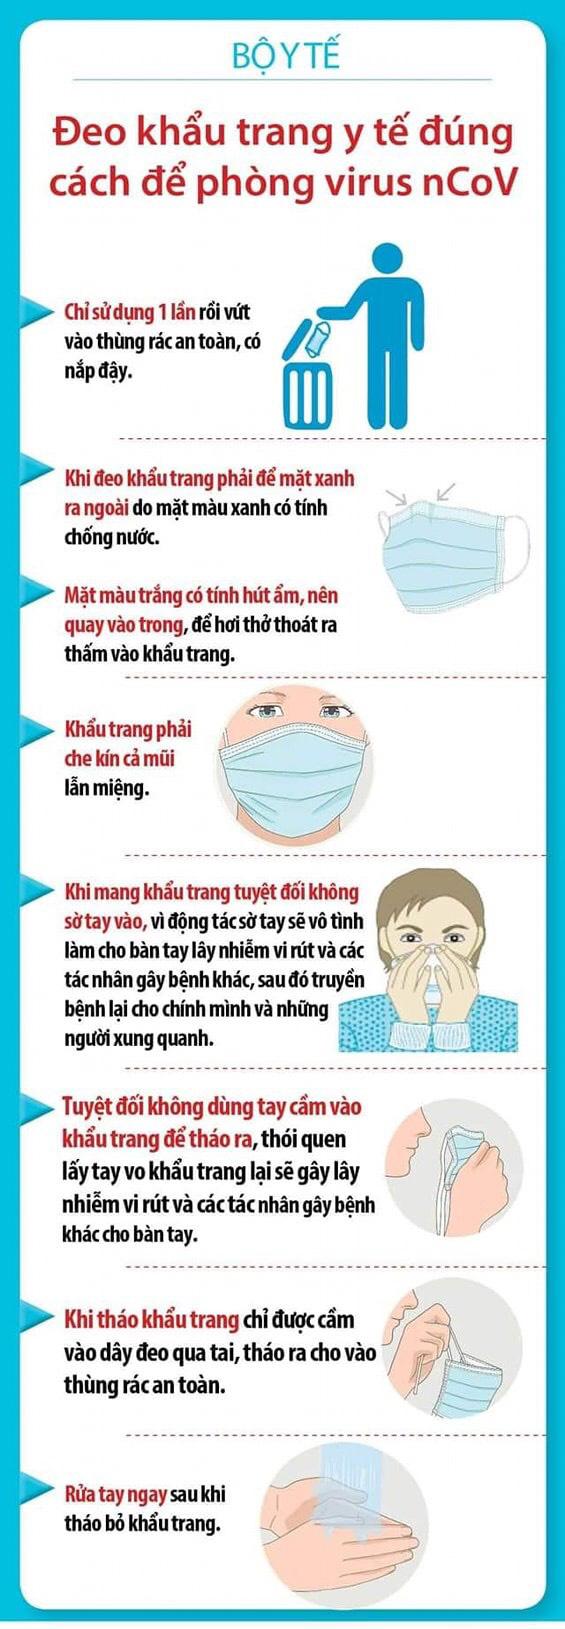 Đa số ca lây nhiễm COVID-19 ở Việt Nam do tiếp xúc gần, không đeo khẩu trang - Ảnh 1.